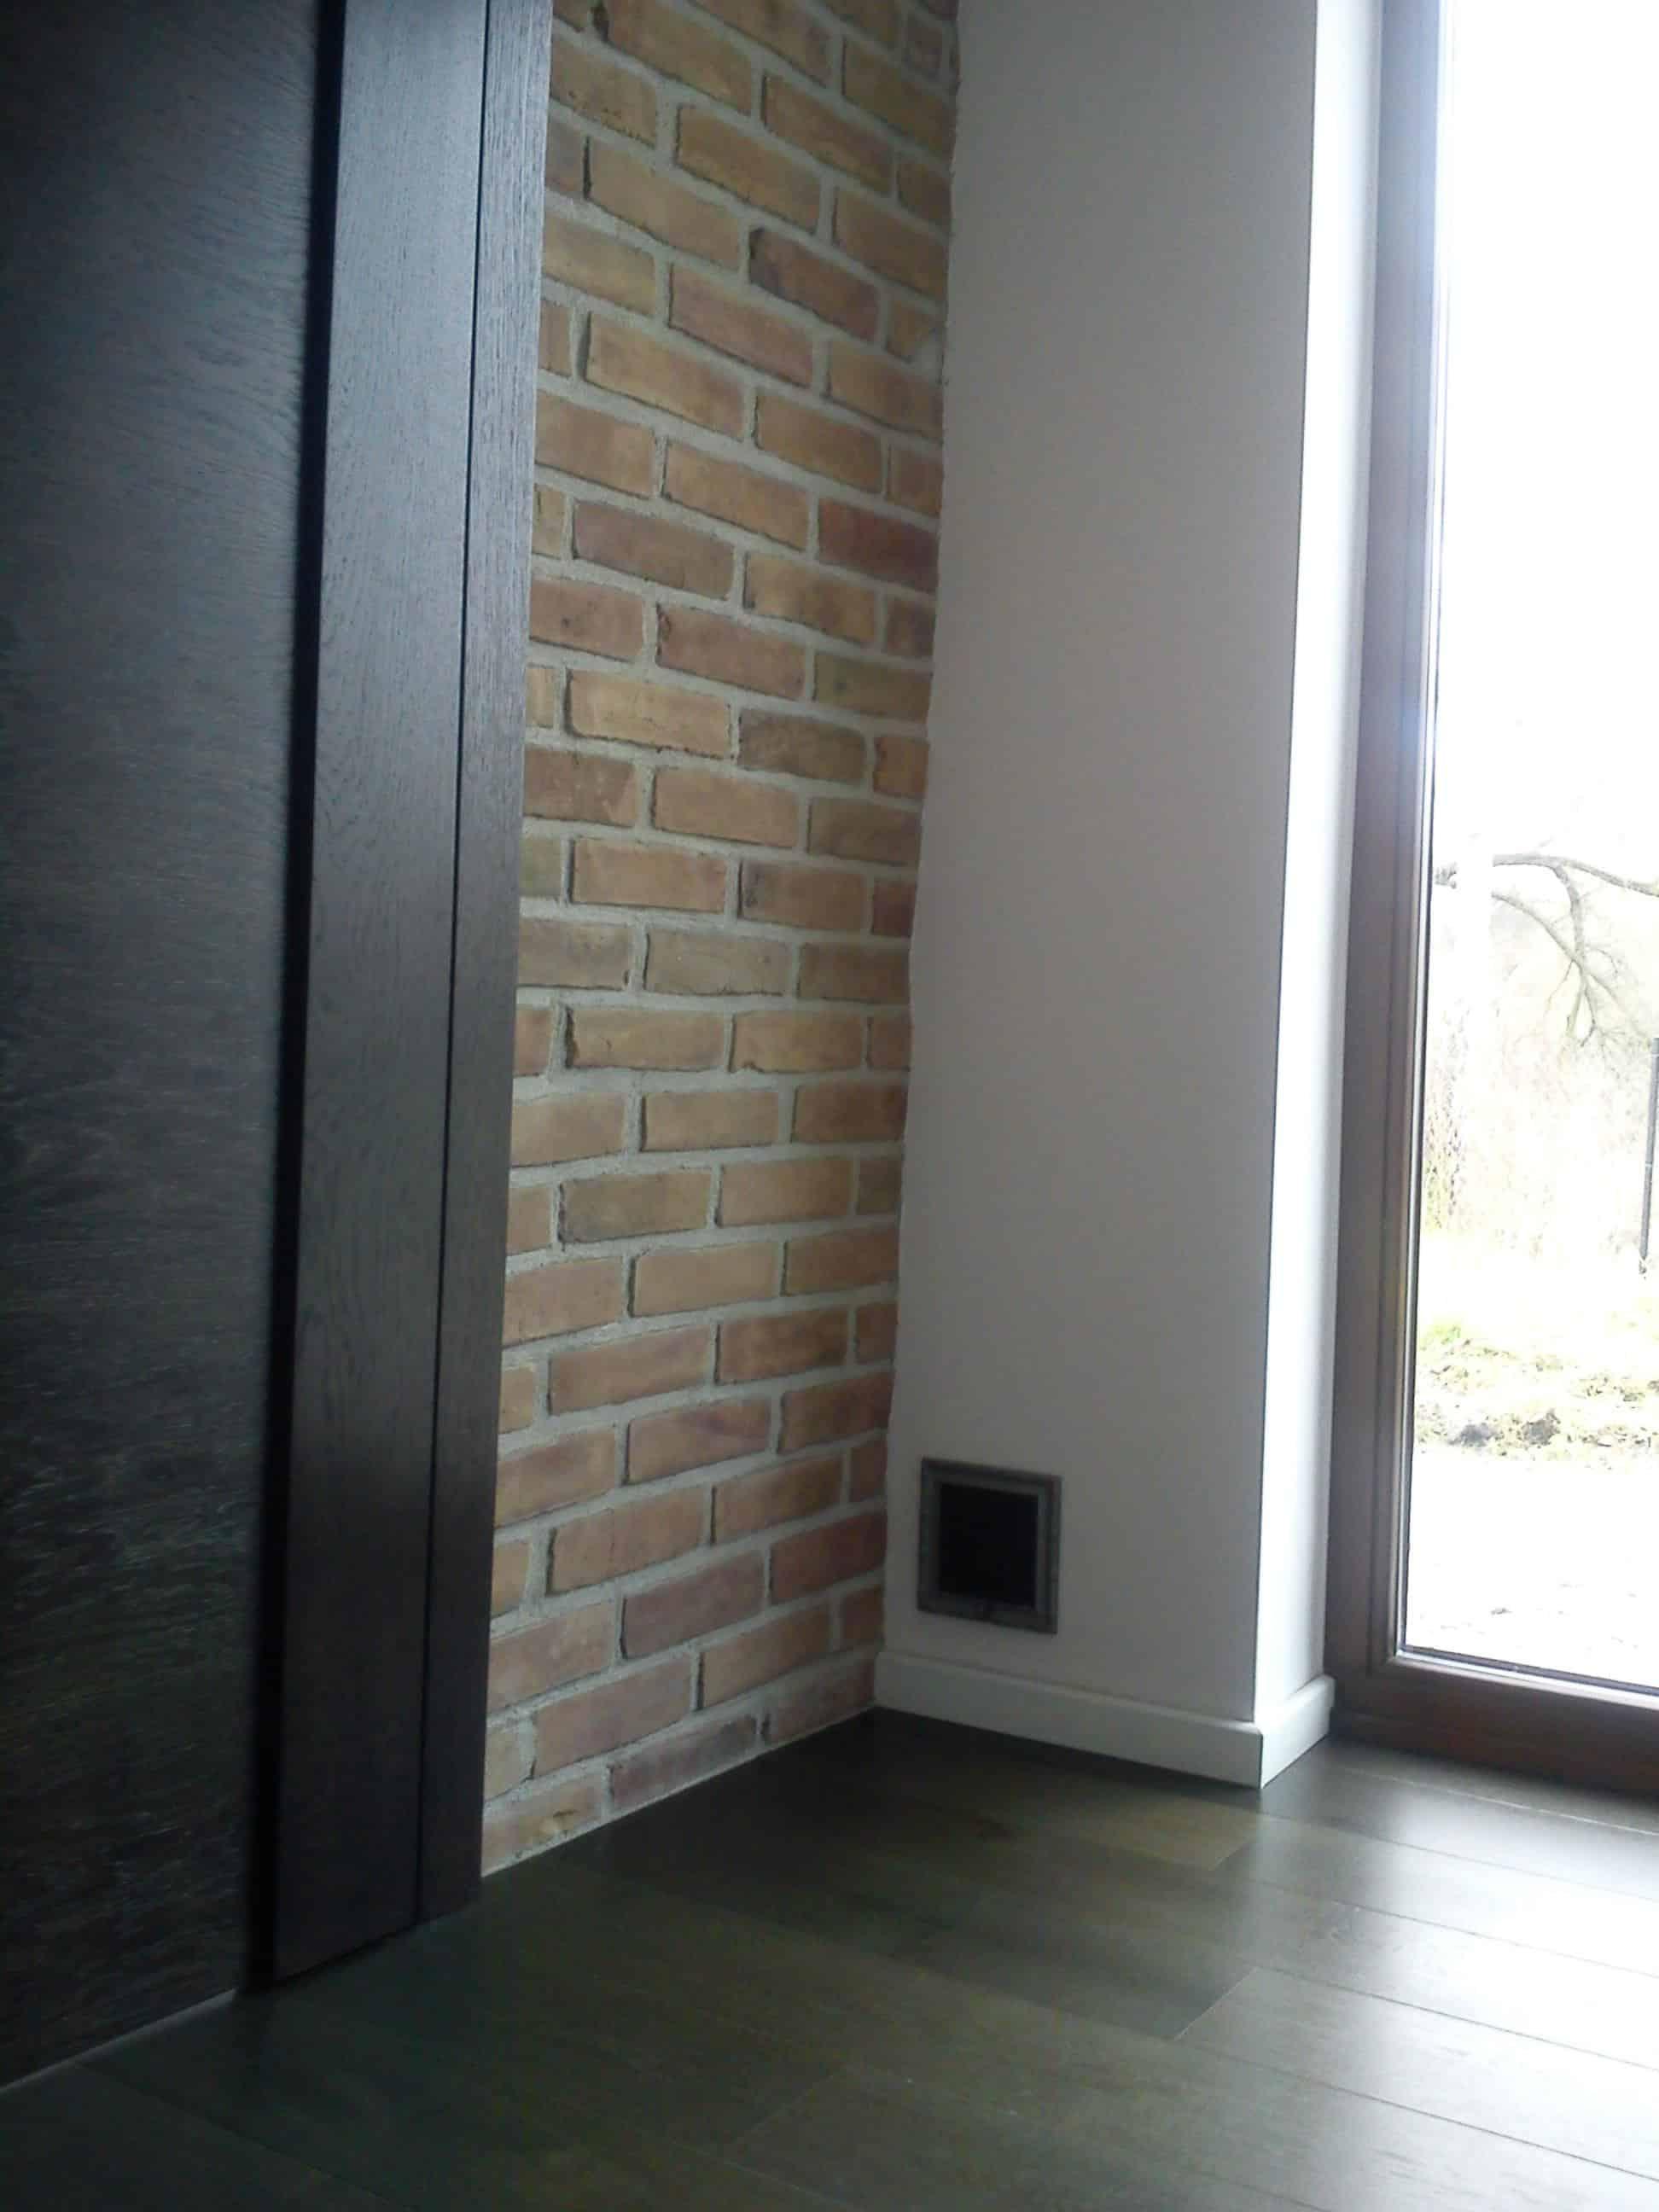 DSC00557 - Dom w Podkowie Leśnej